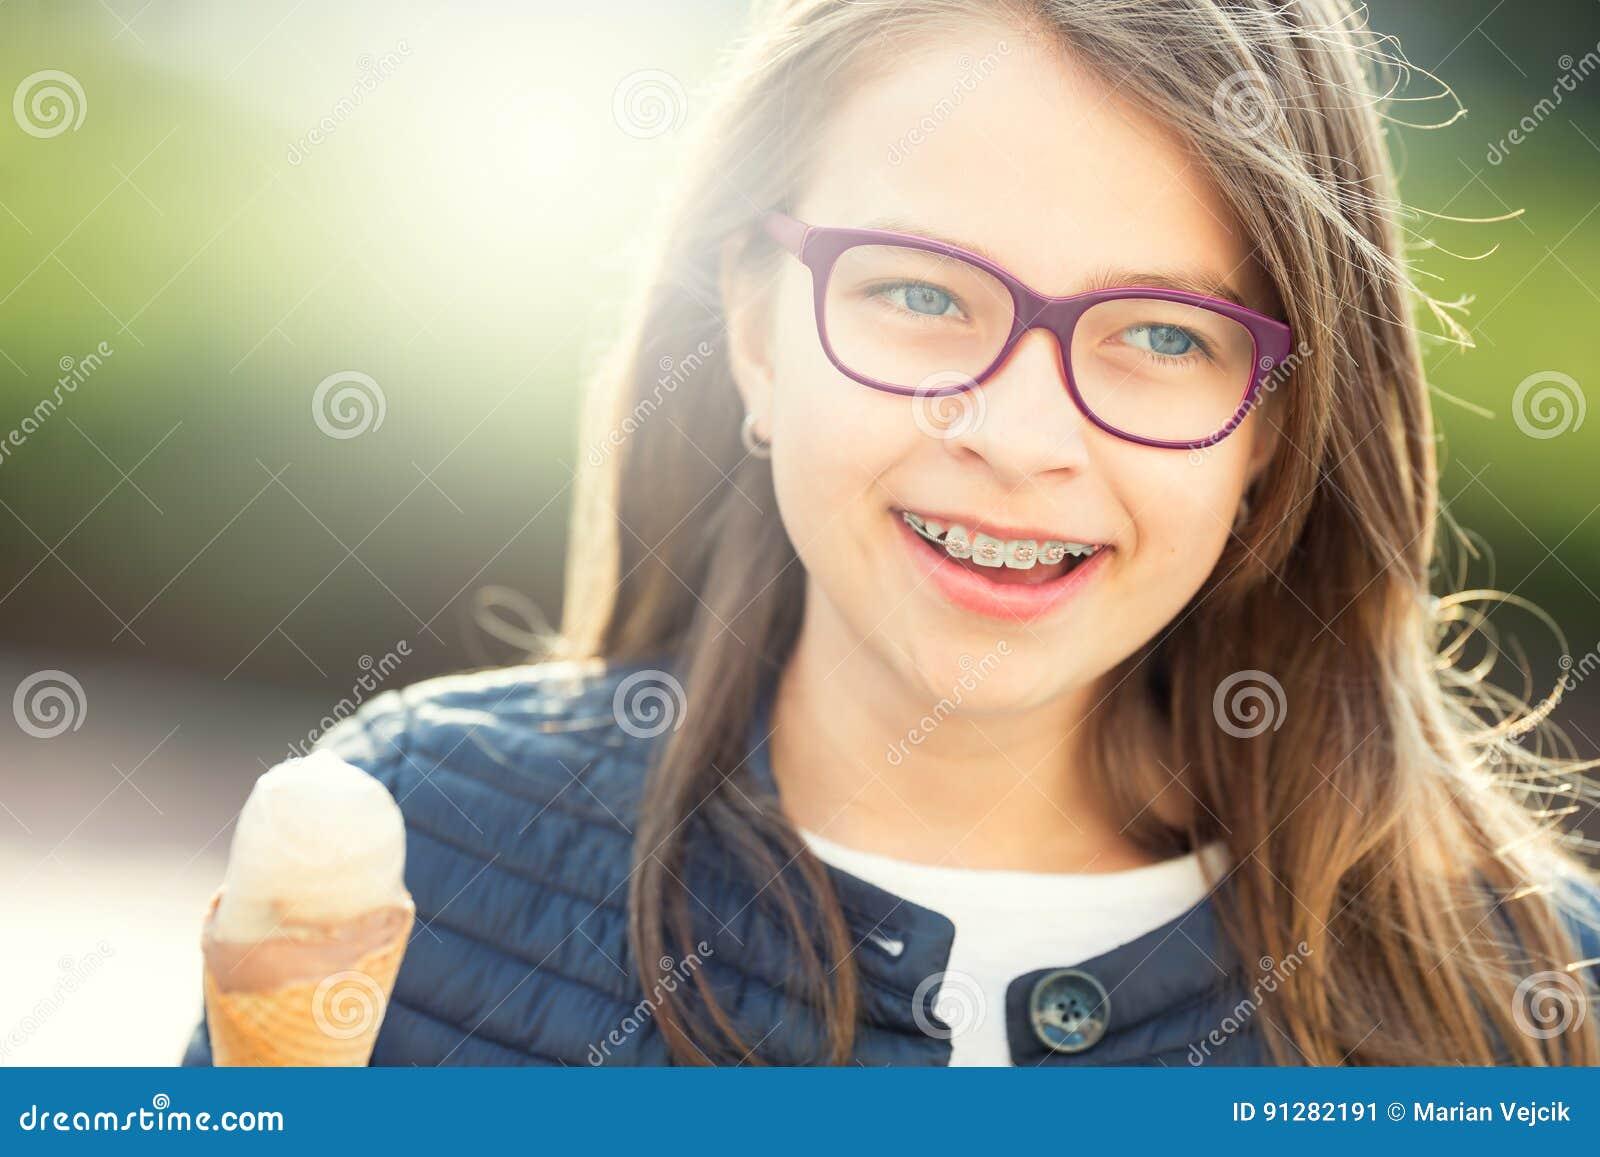 Fille teen Pré ado Fille avec la crême glacée Fille avec des verres Fille avec des accolades de dents